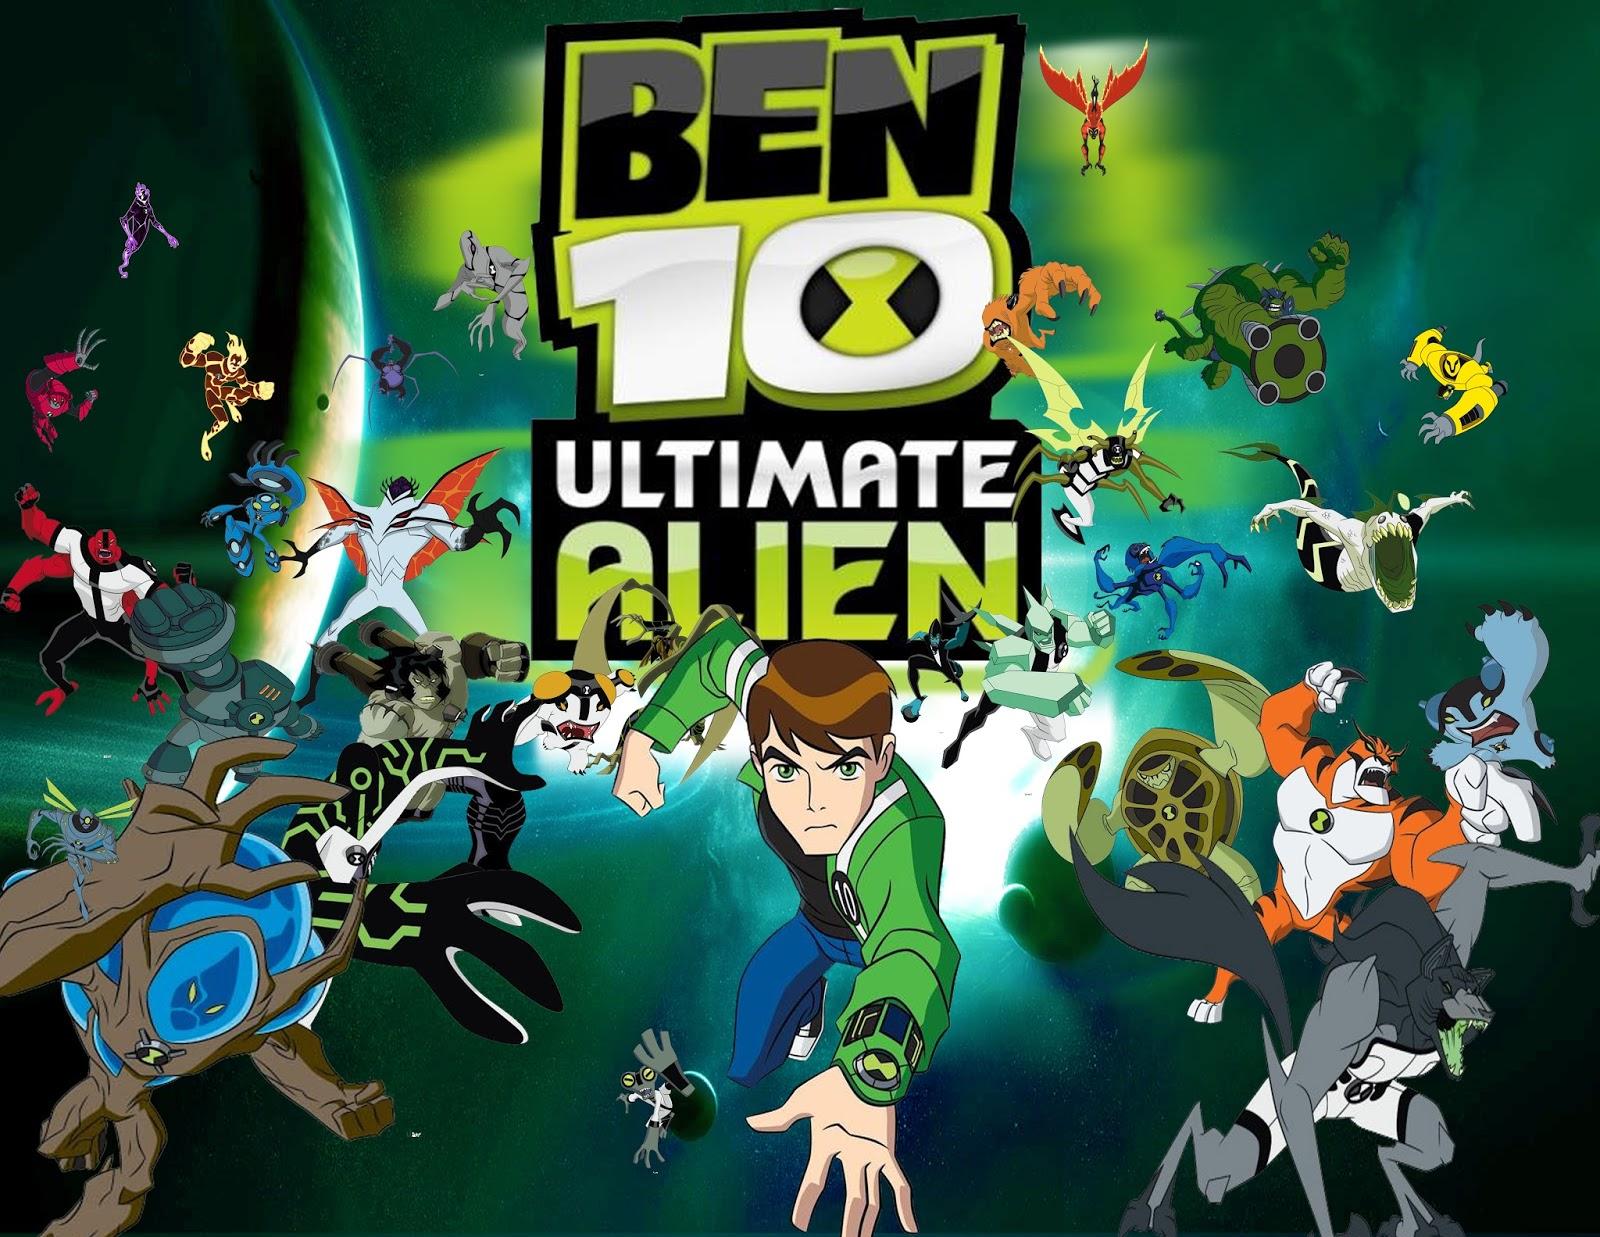 تحميل لعبة ben 10 ultimate alien للاندرويد